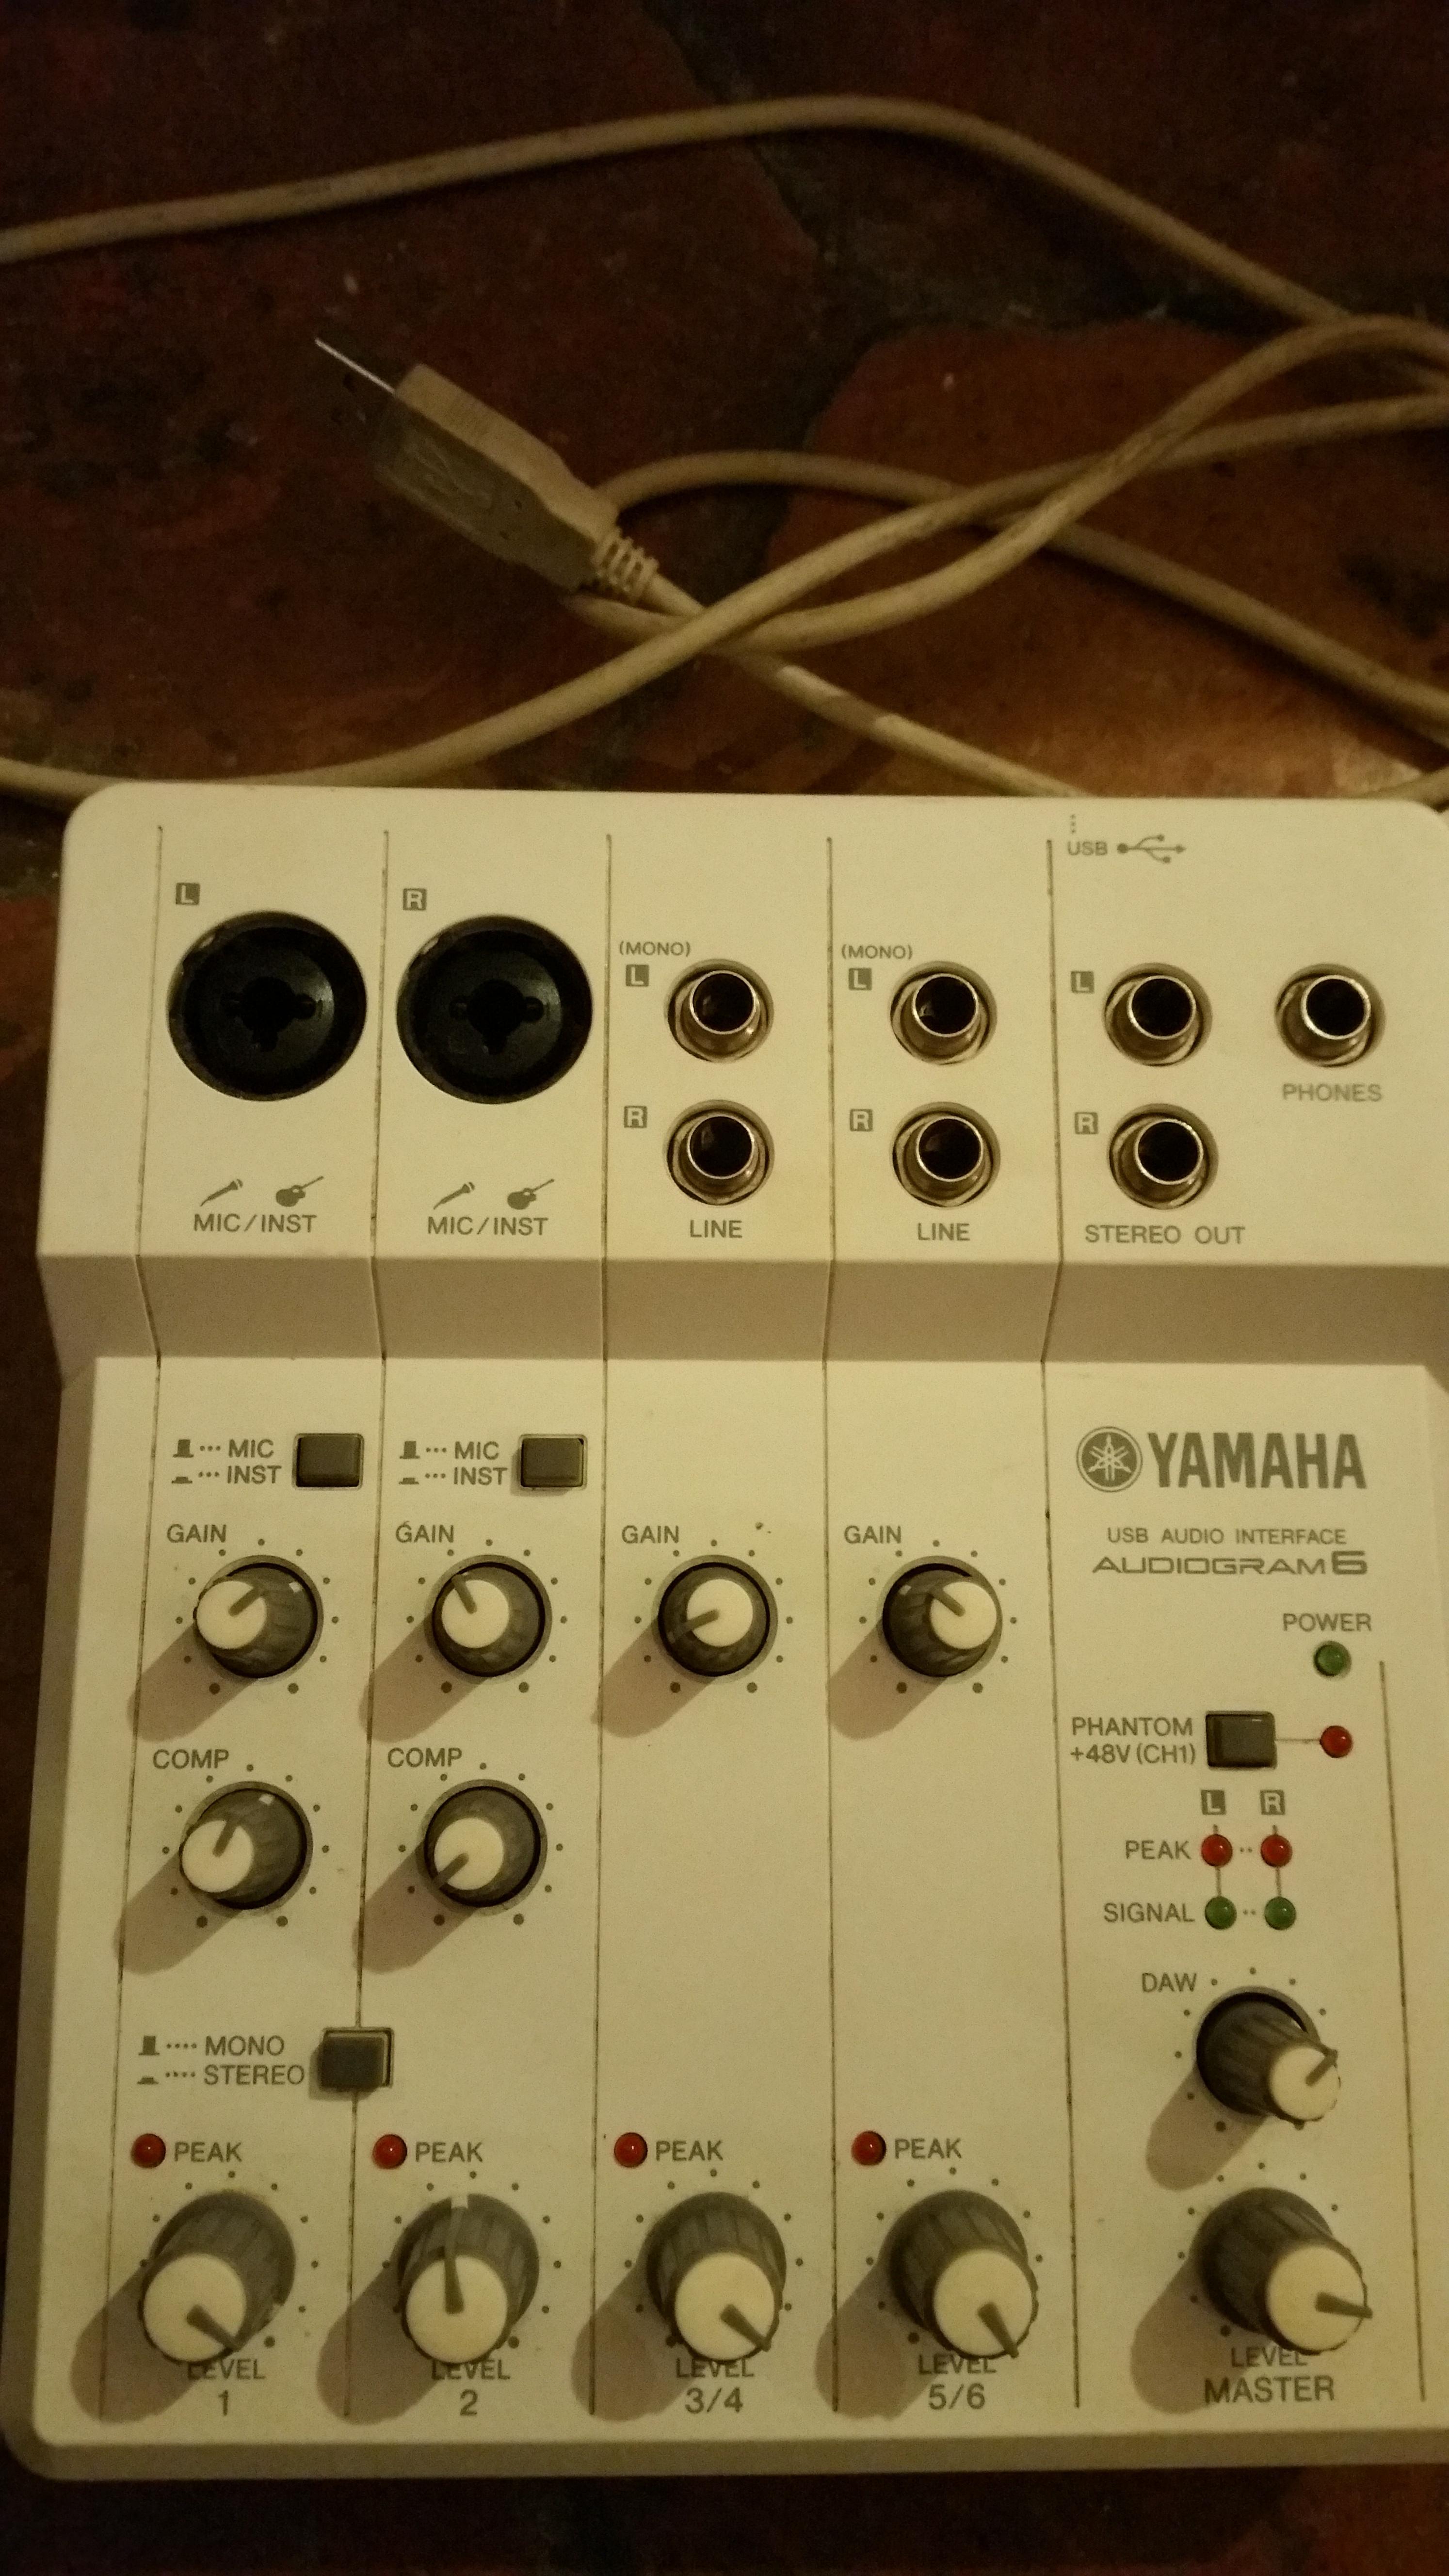 carte son yamaha audiogram 6